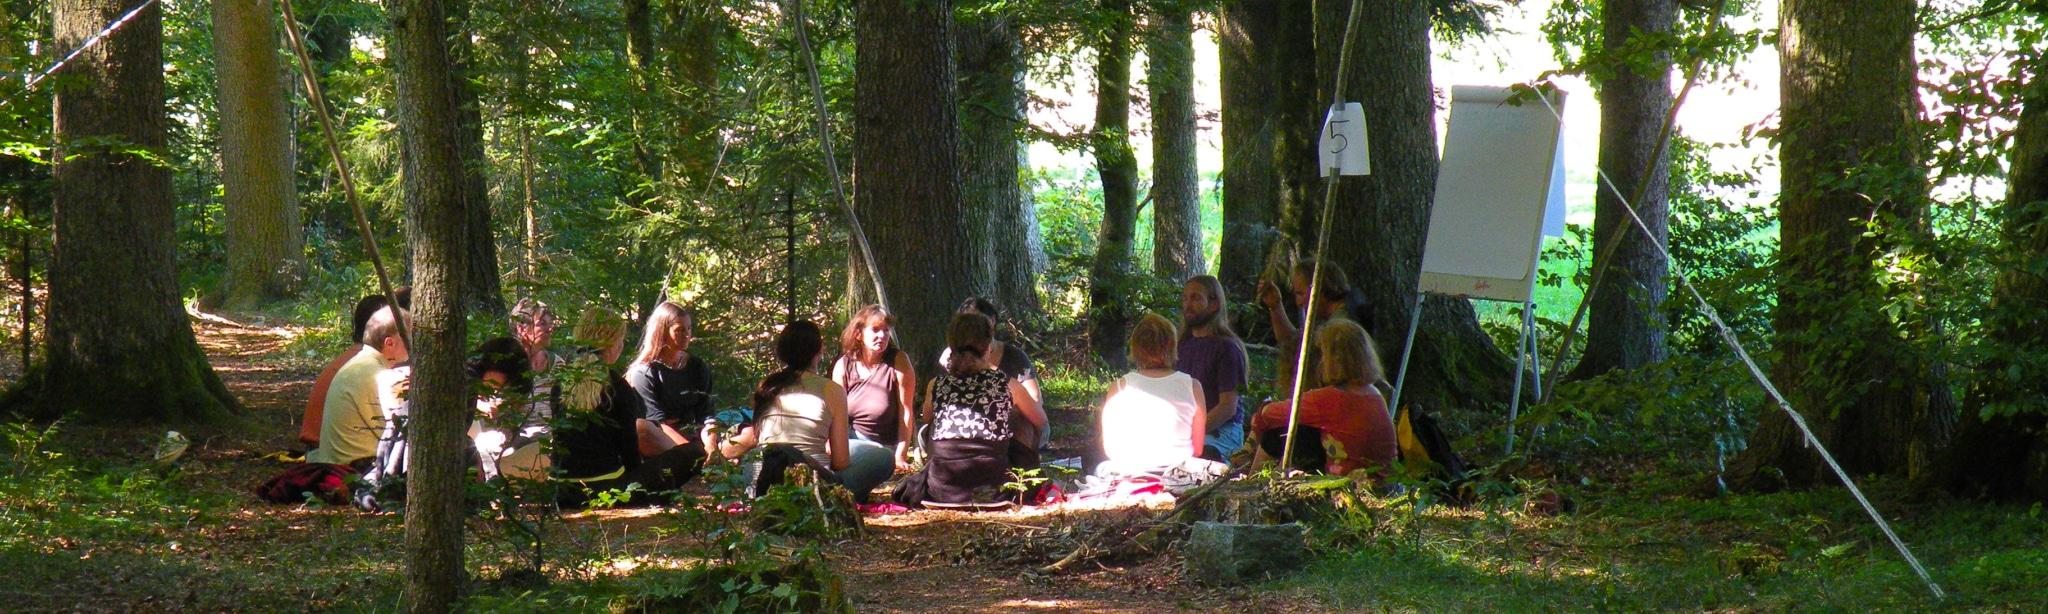 Unterricht im Wald